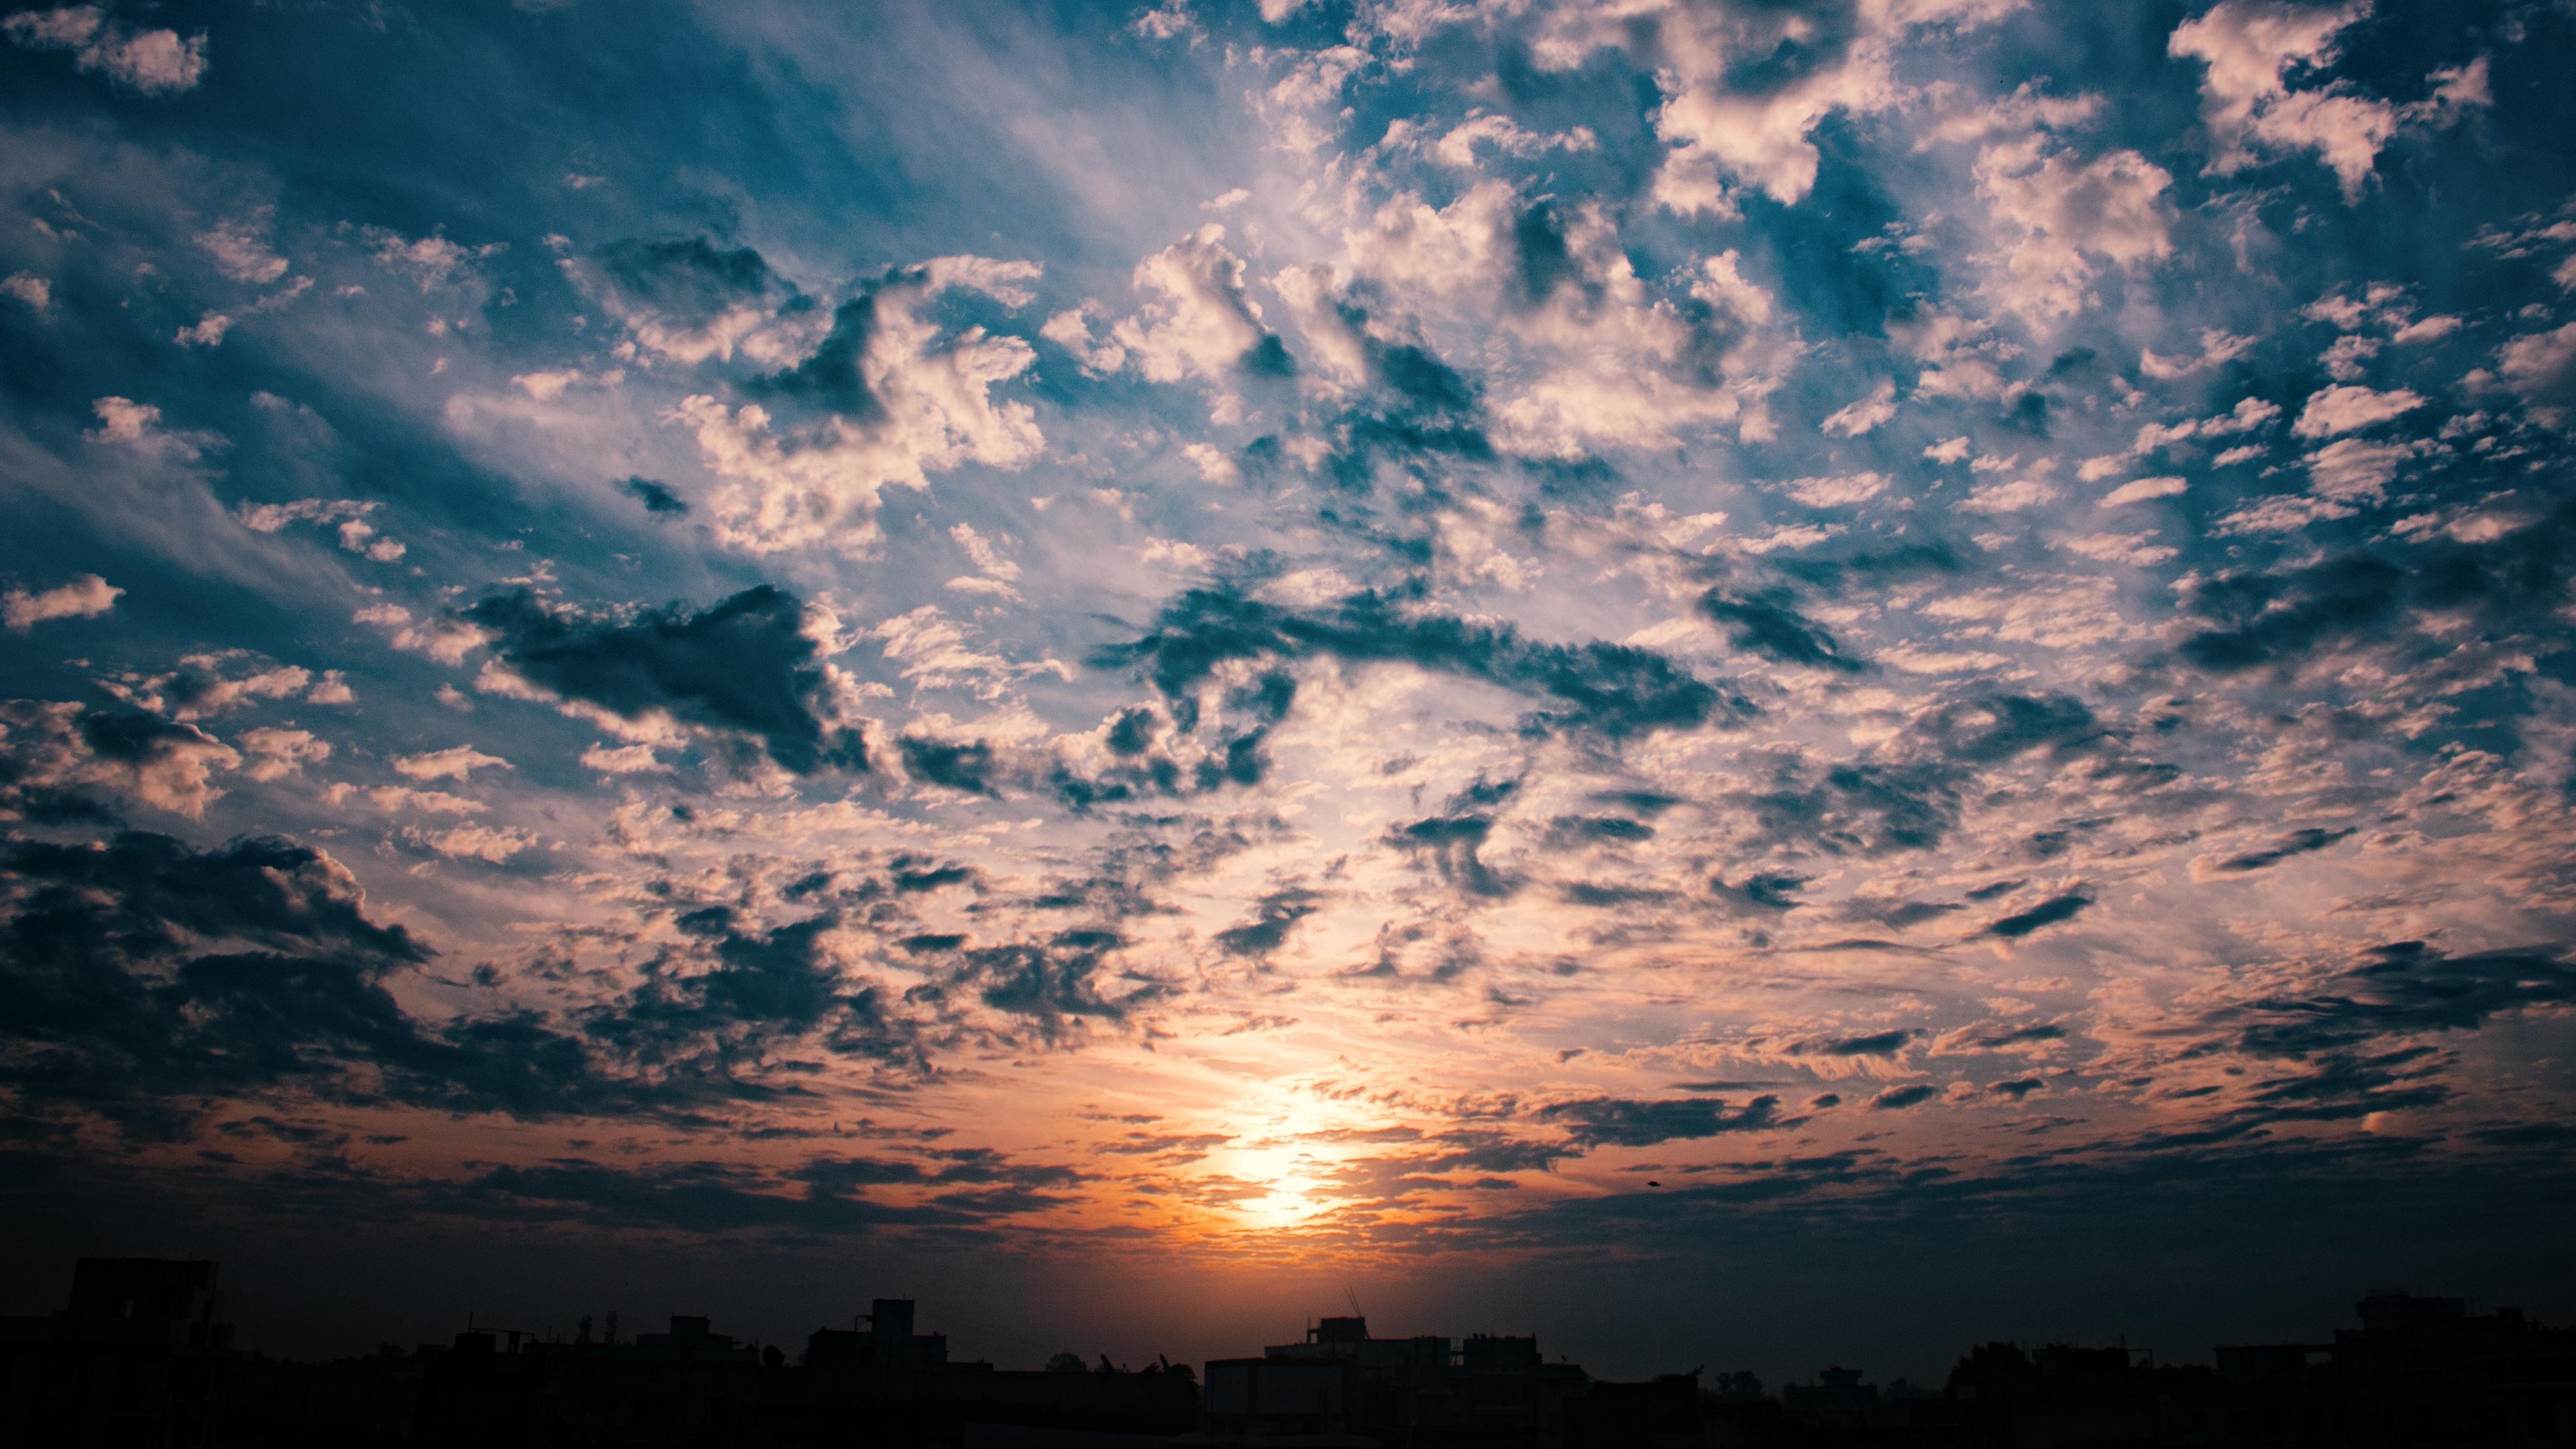 clouds sky sunset 4k 1541114427 - clouds, sky, sunset 4k - sunset, Sky, Clouds